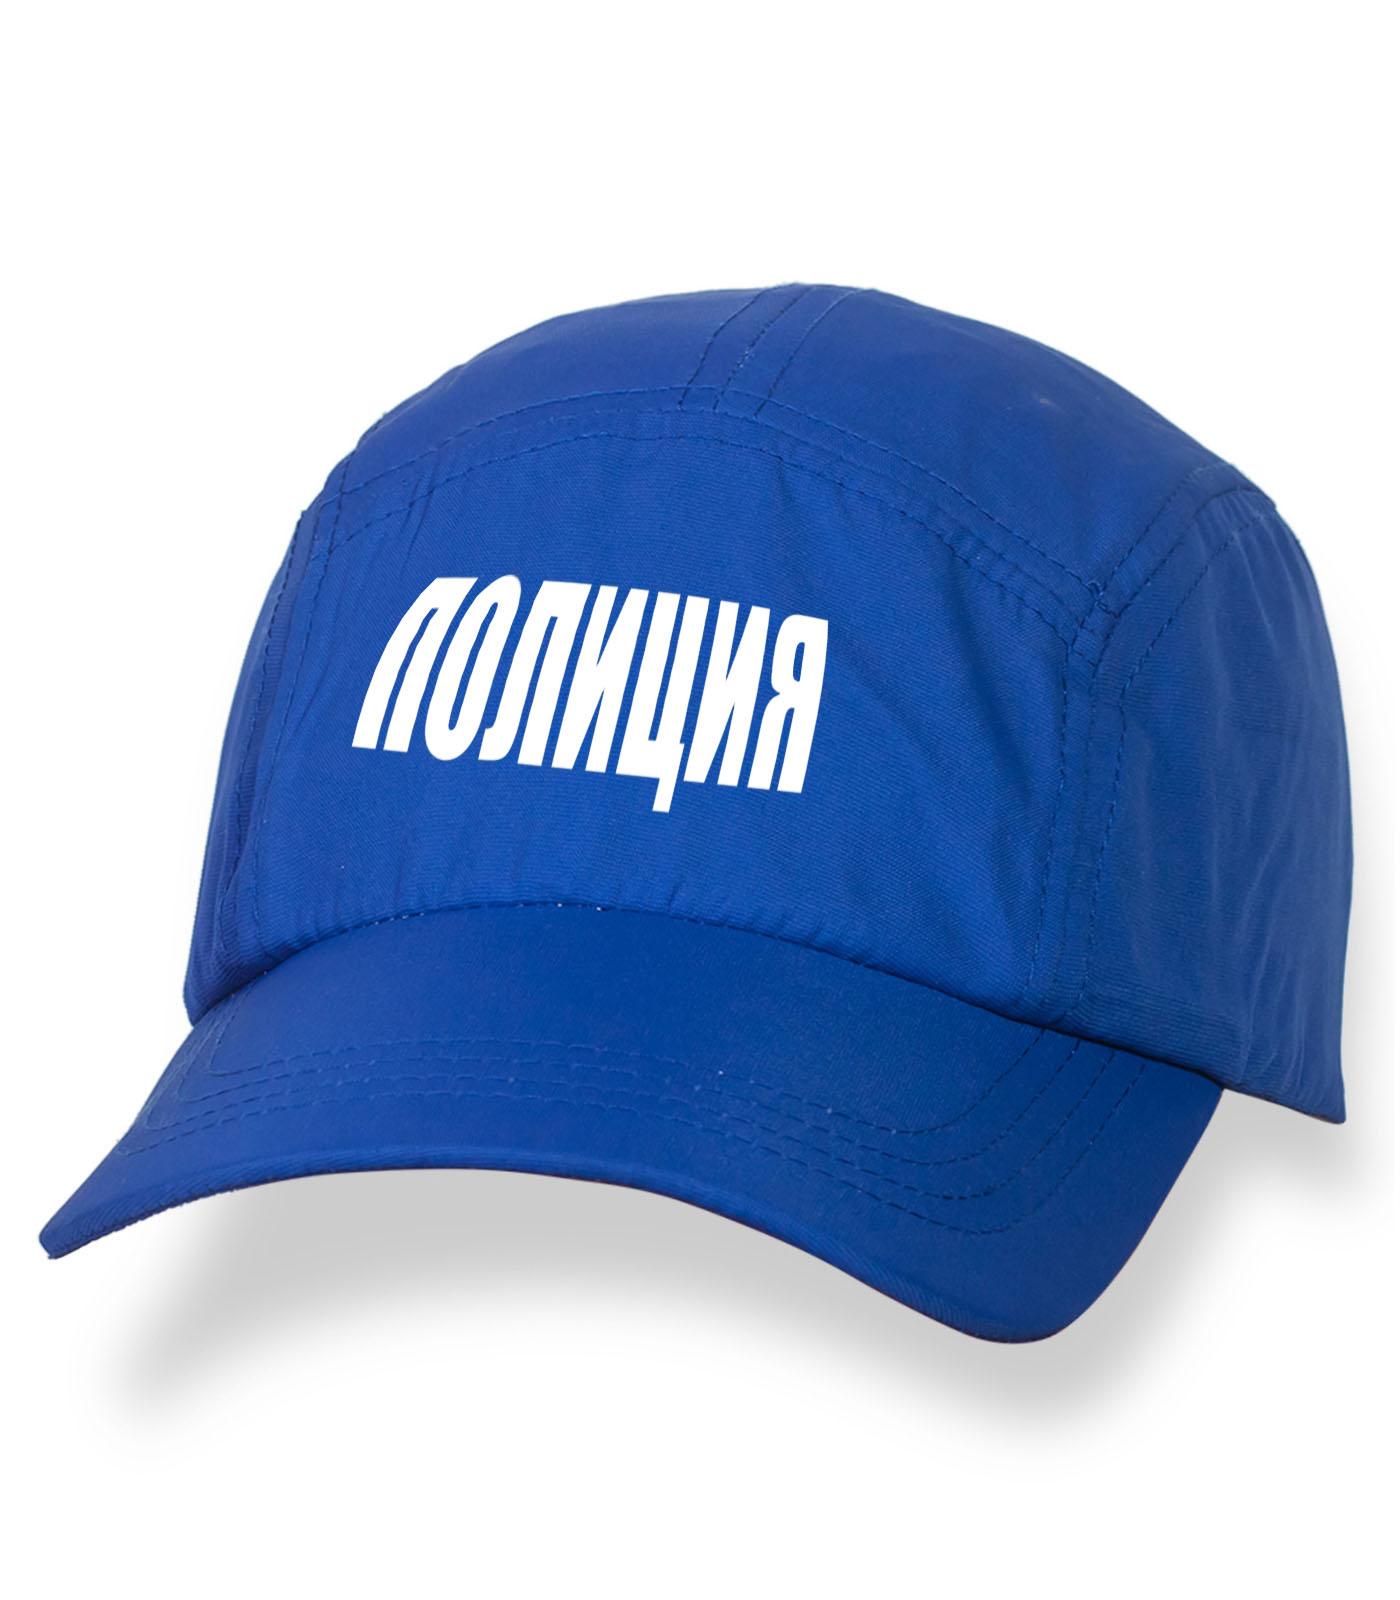 Синяя надежная кепка-пятипанелька с термонаклейкой Полиция